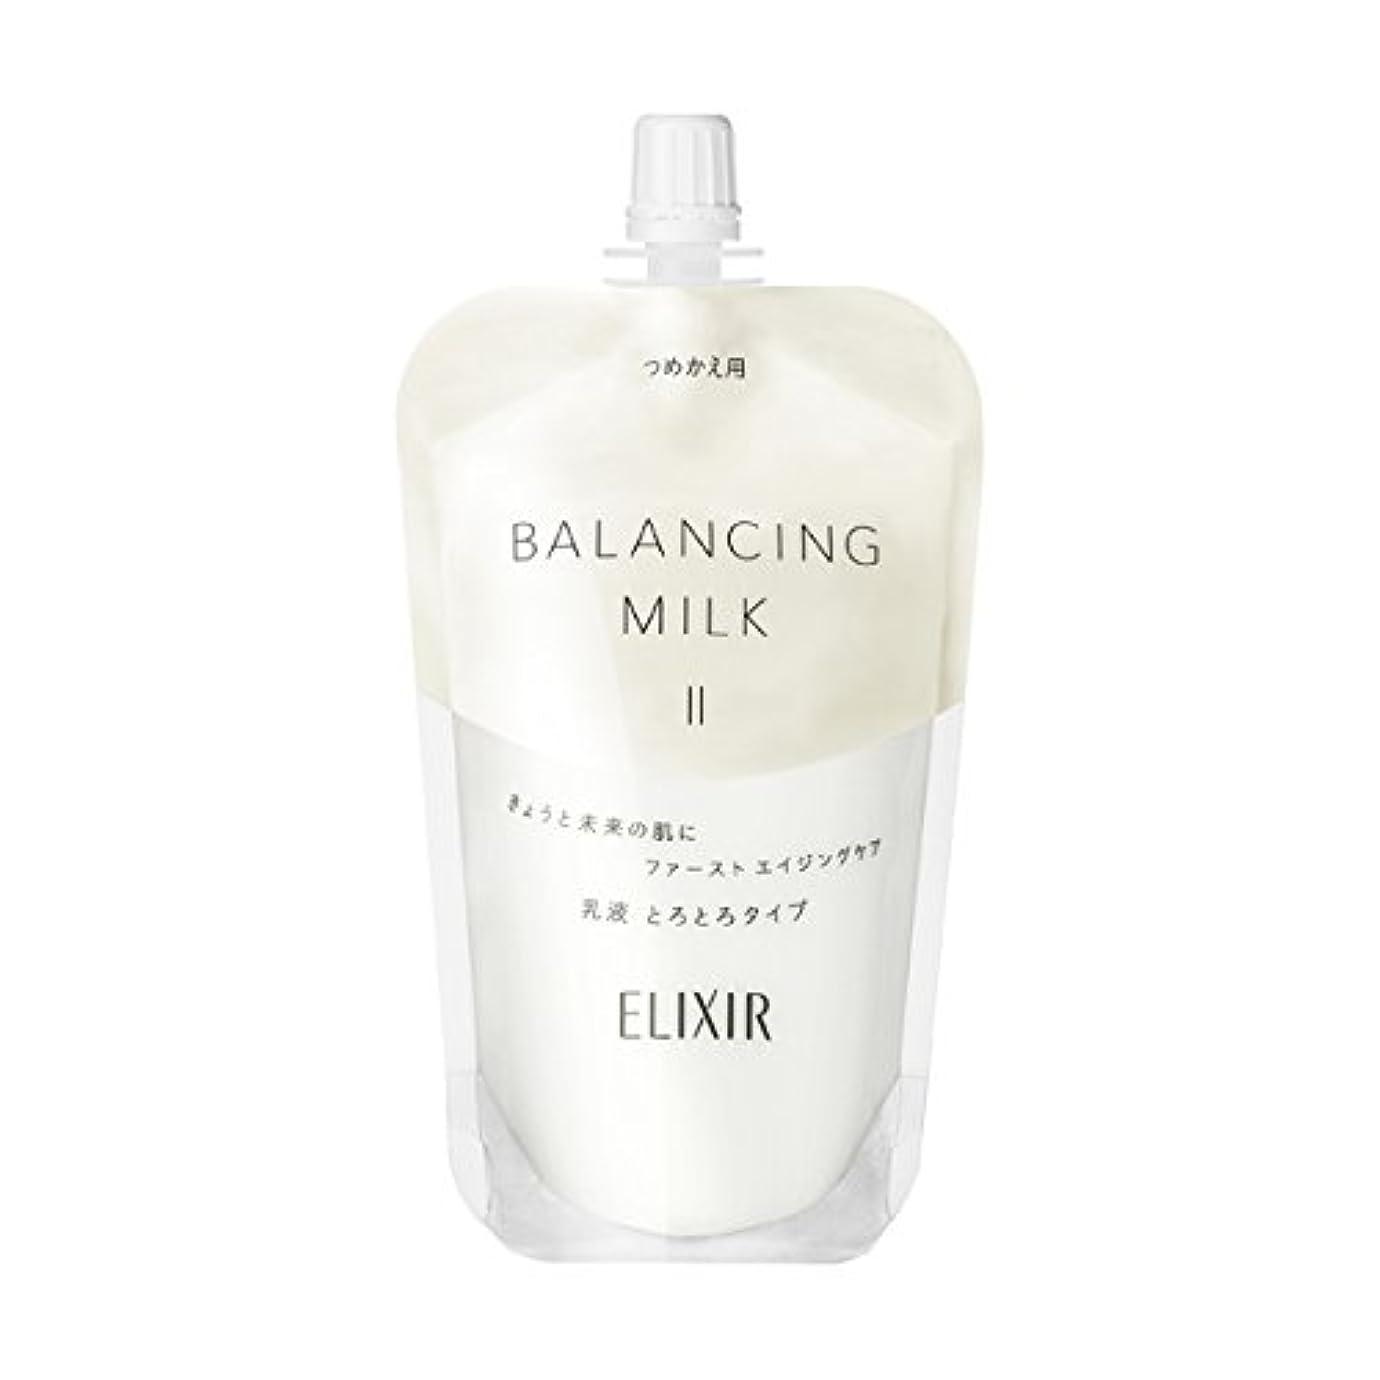 どちらか世紀平和なエリクシール ルフレ バランシング ミルク 乳液 2 (とろとろタイプ) (つめかえ用) 110mL